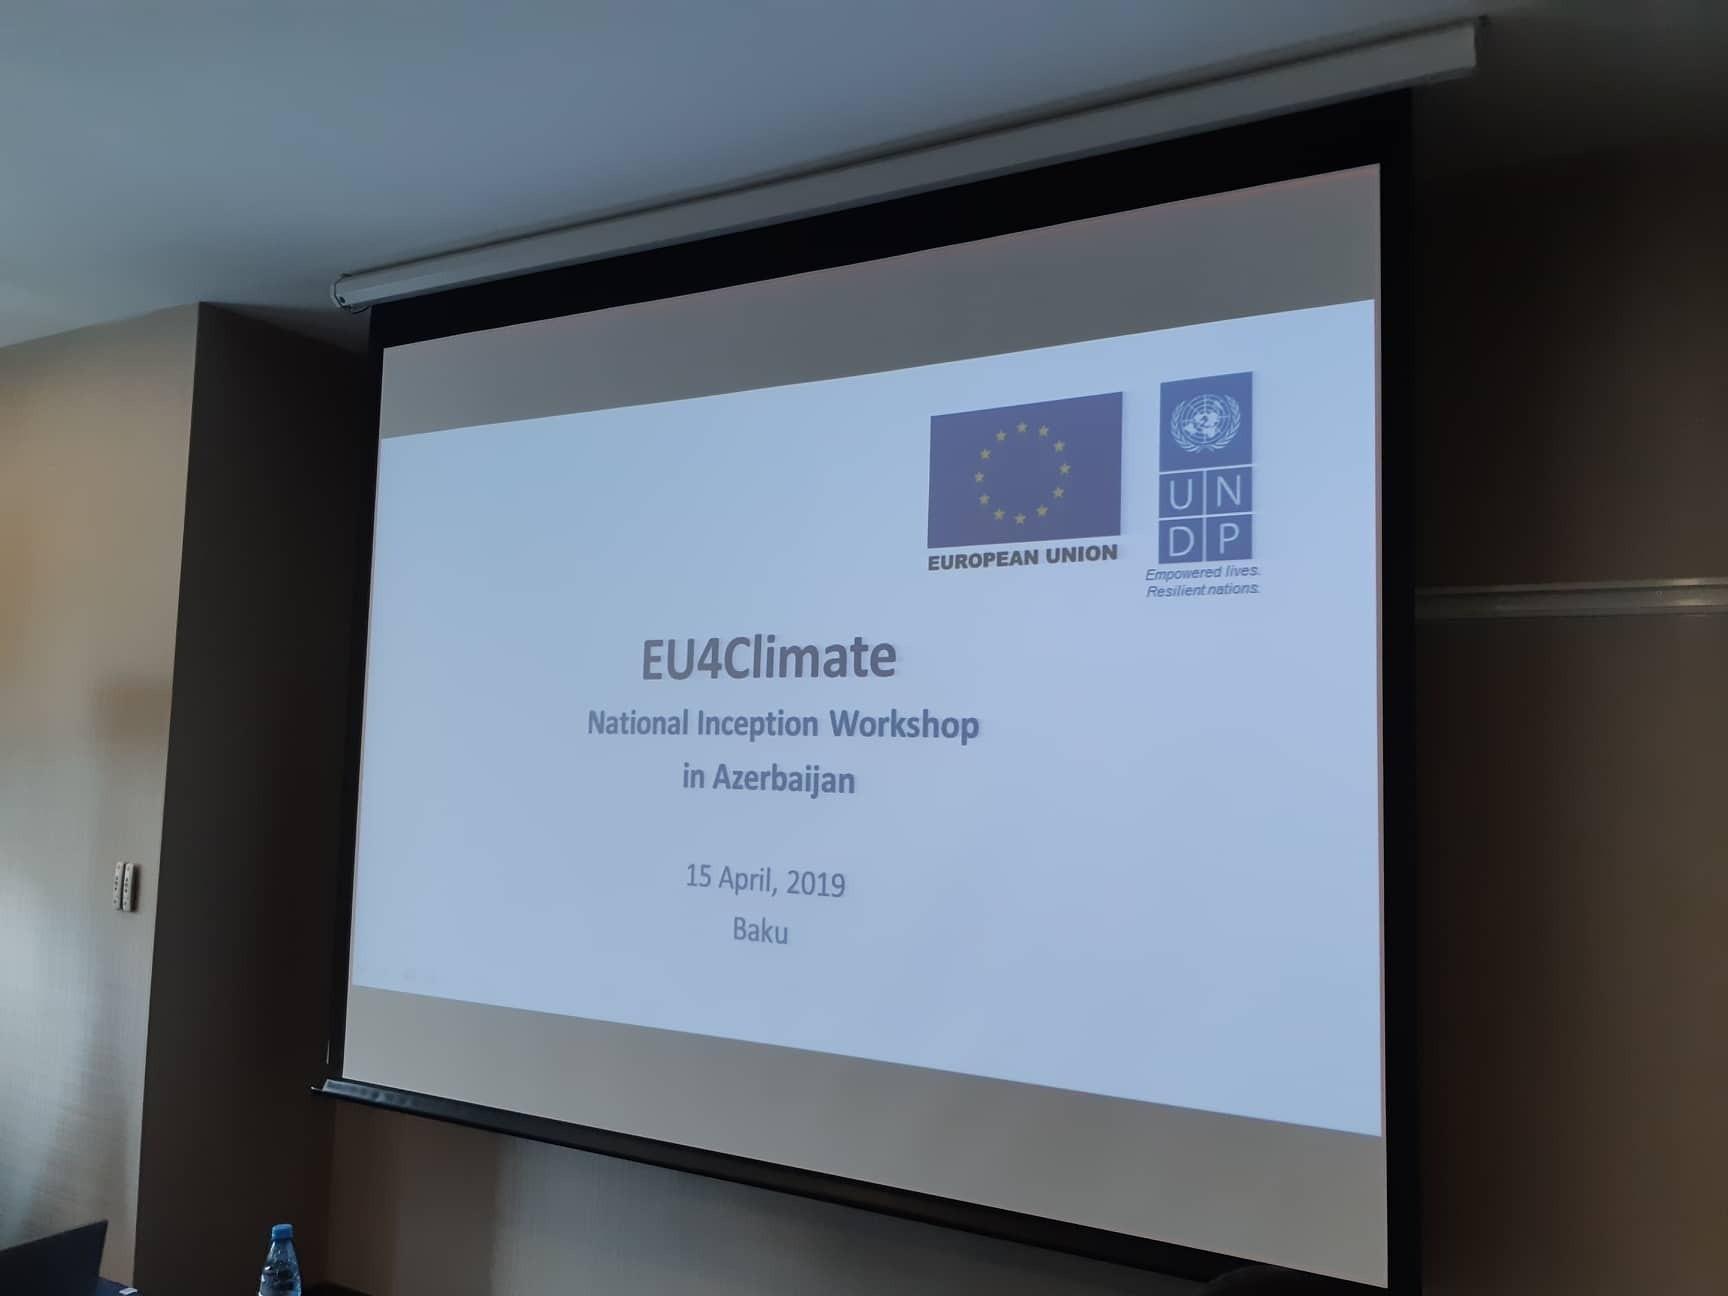 ЕС запускает в Азербайджане региональный проект по борьбе с изменением климата